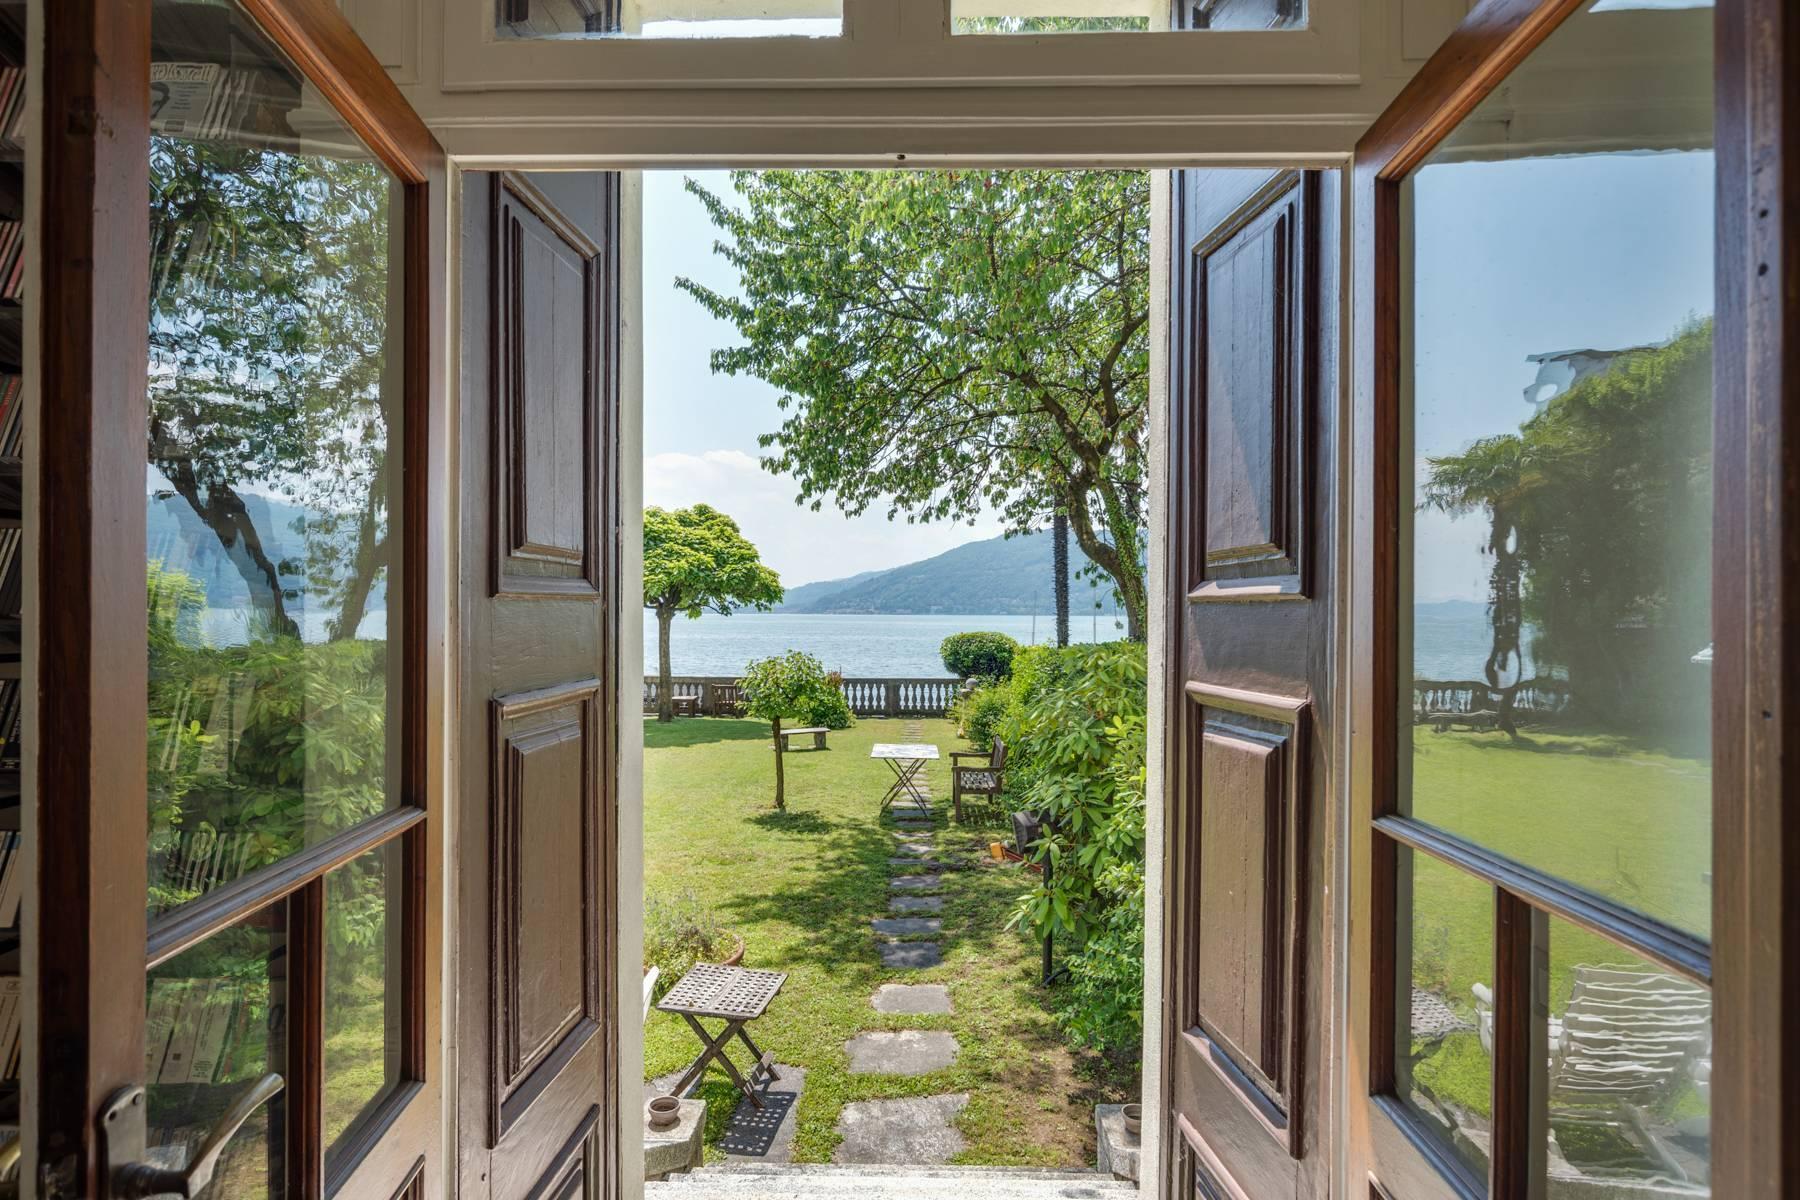 Casa storica direttamente sul lago Maggiore - 1